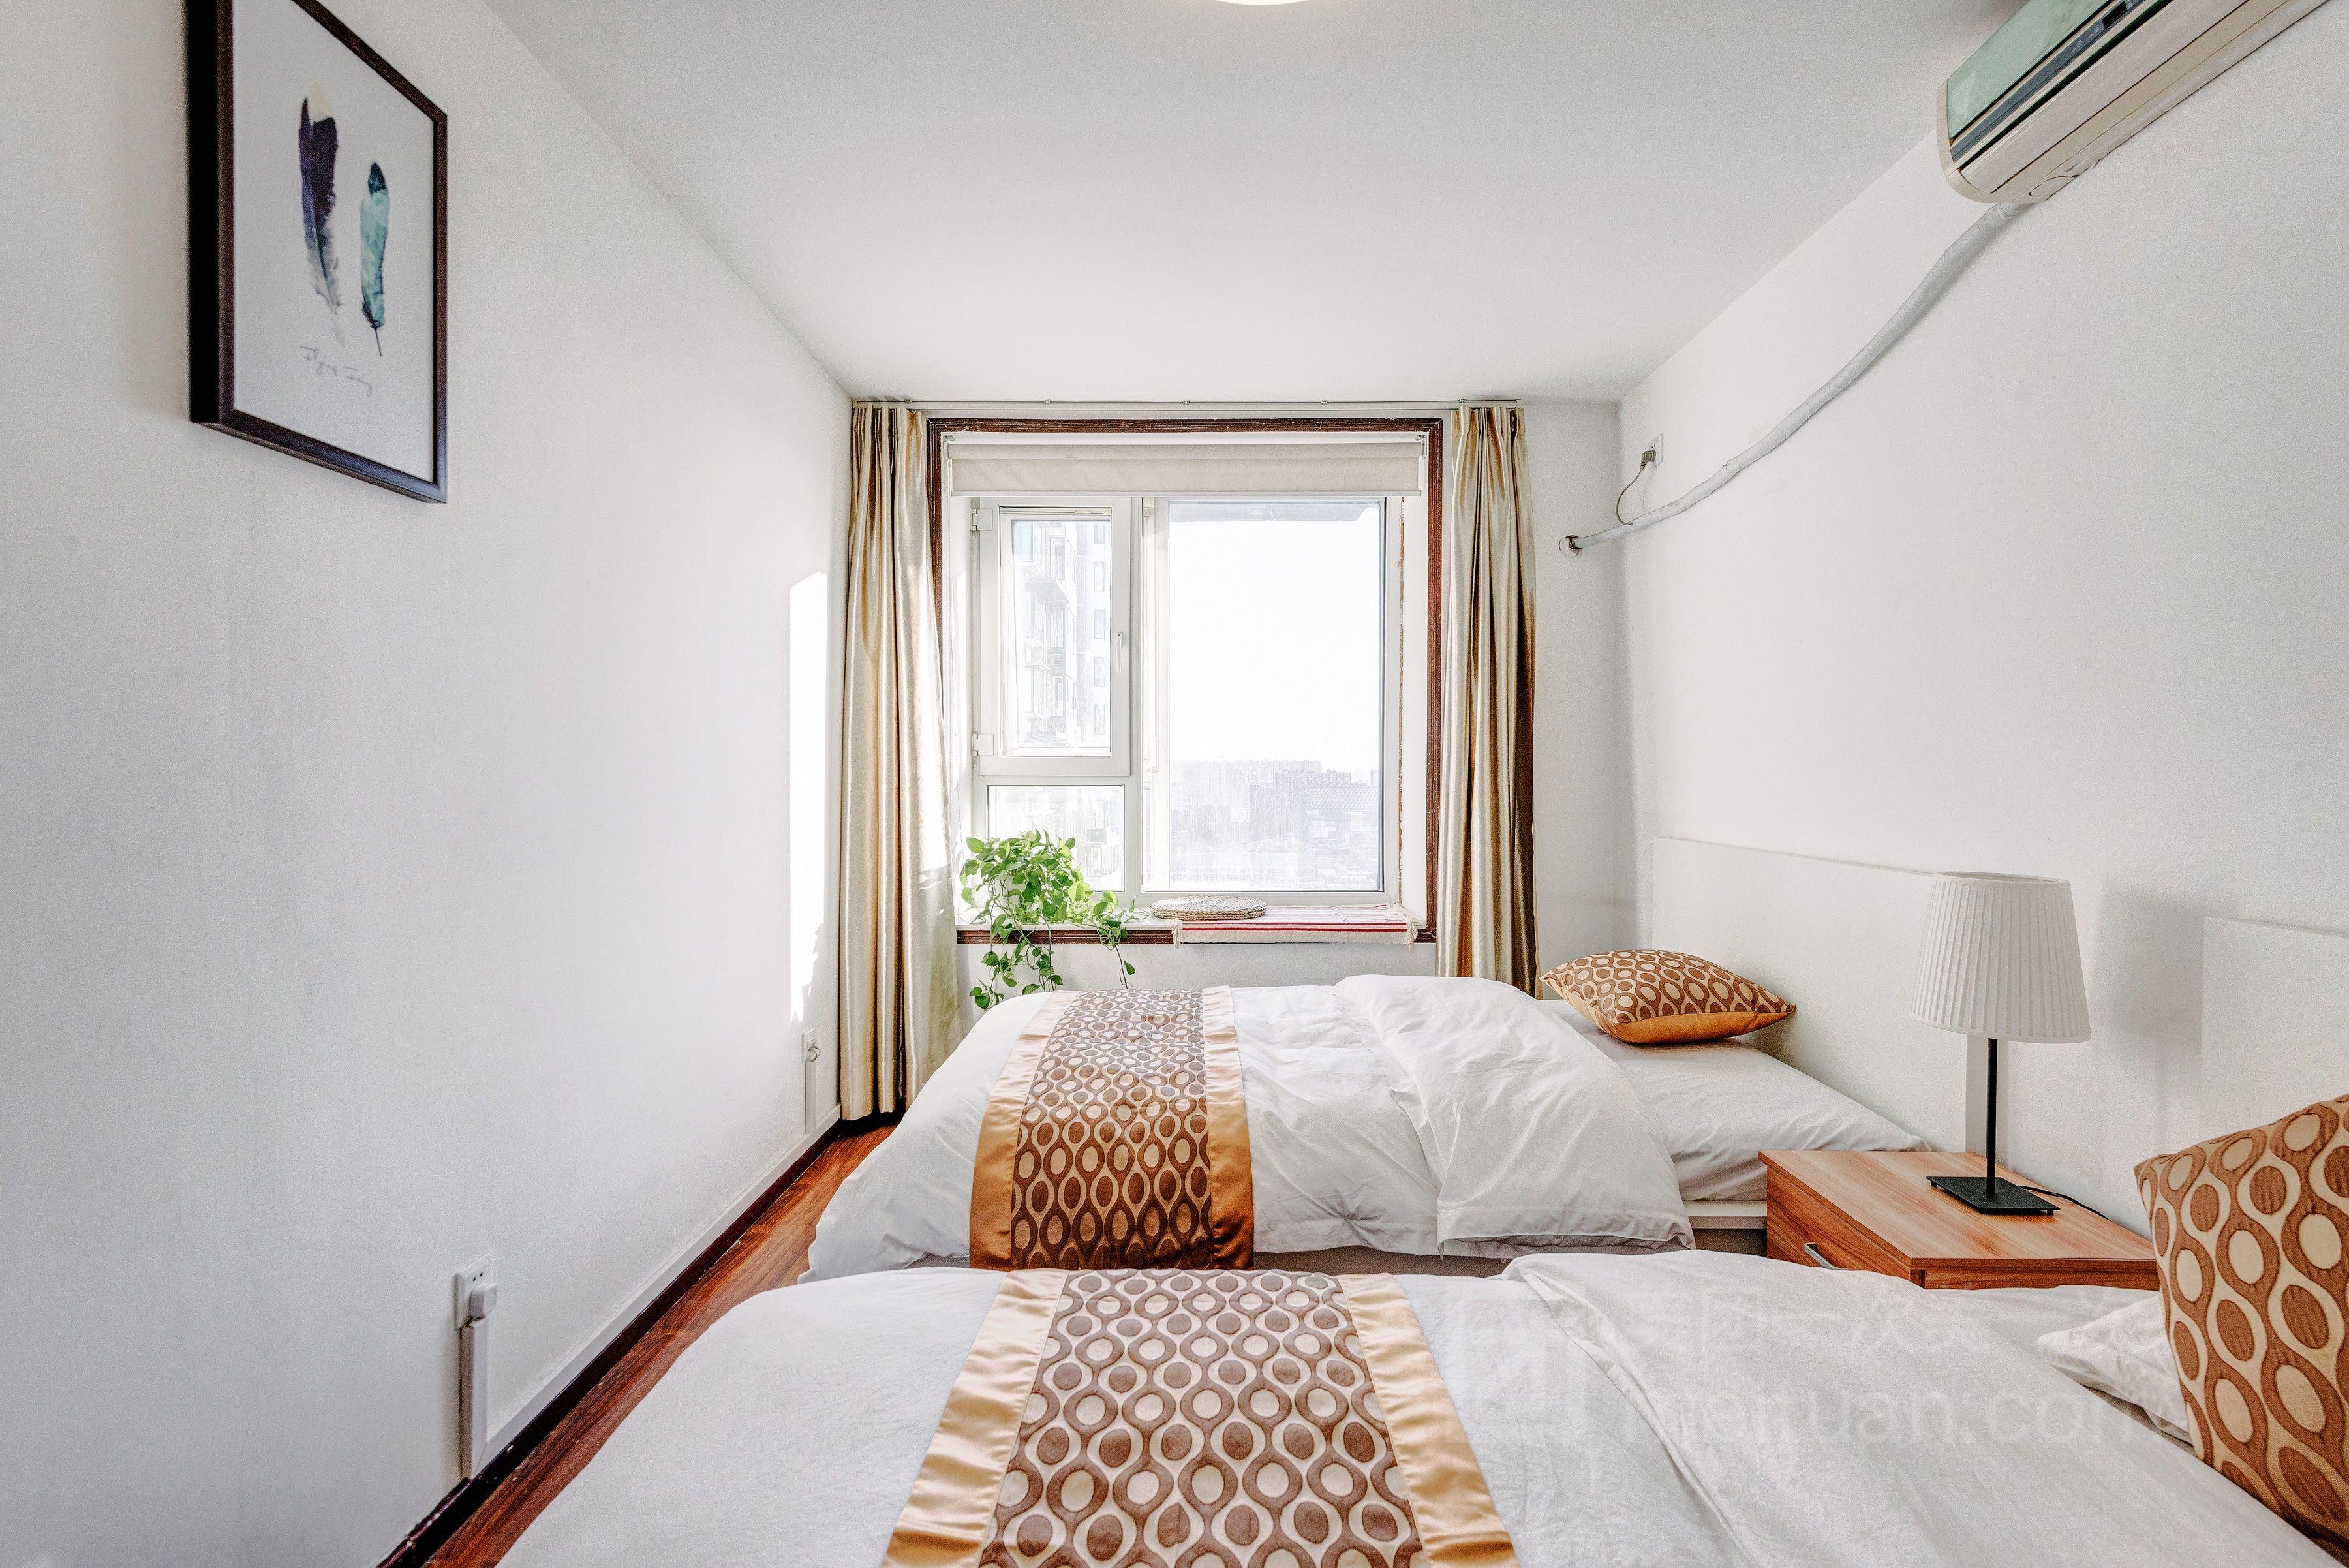 北京四惠国际青年旅舍预订/团购